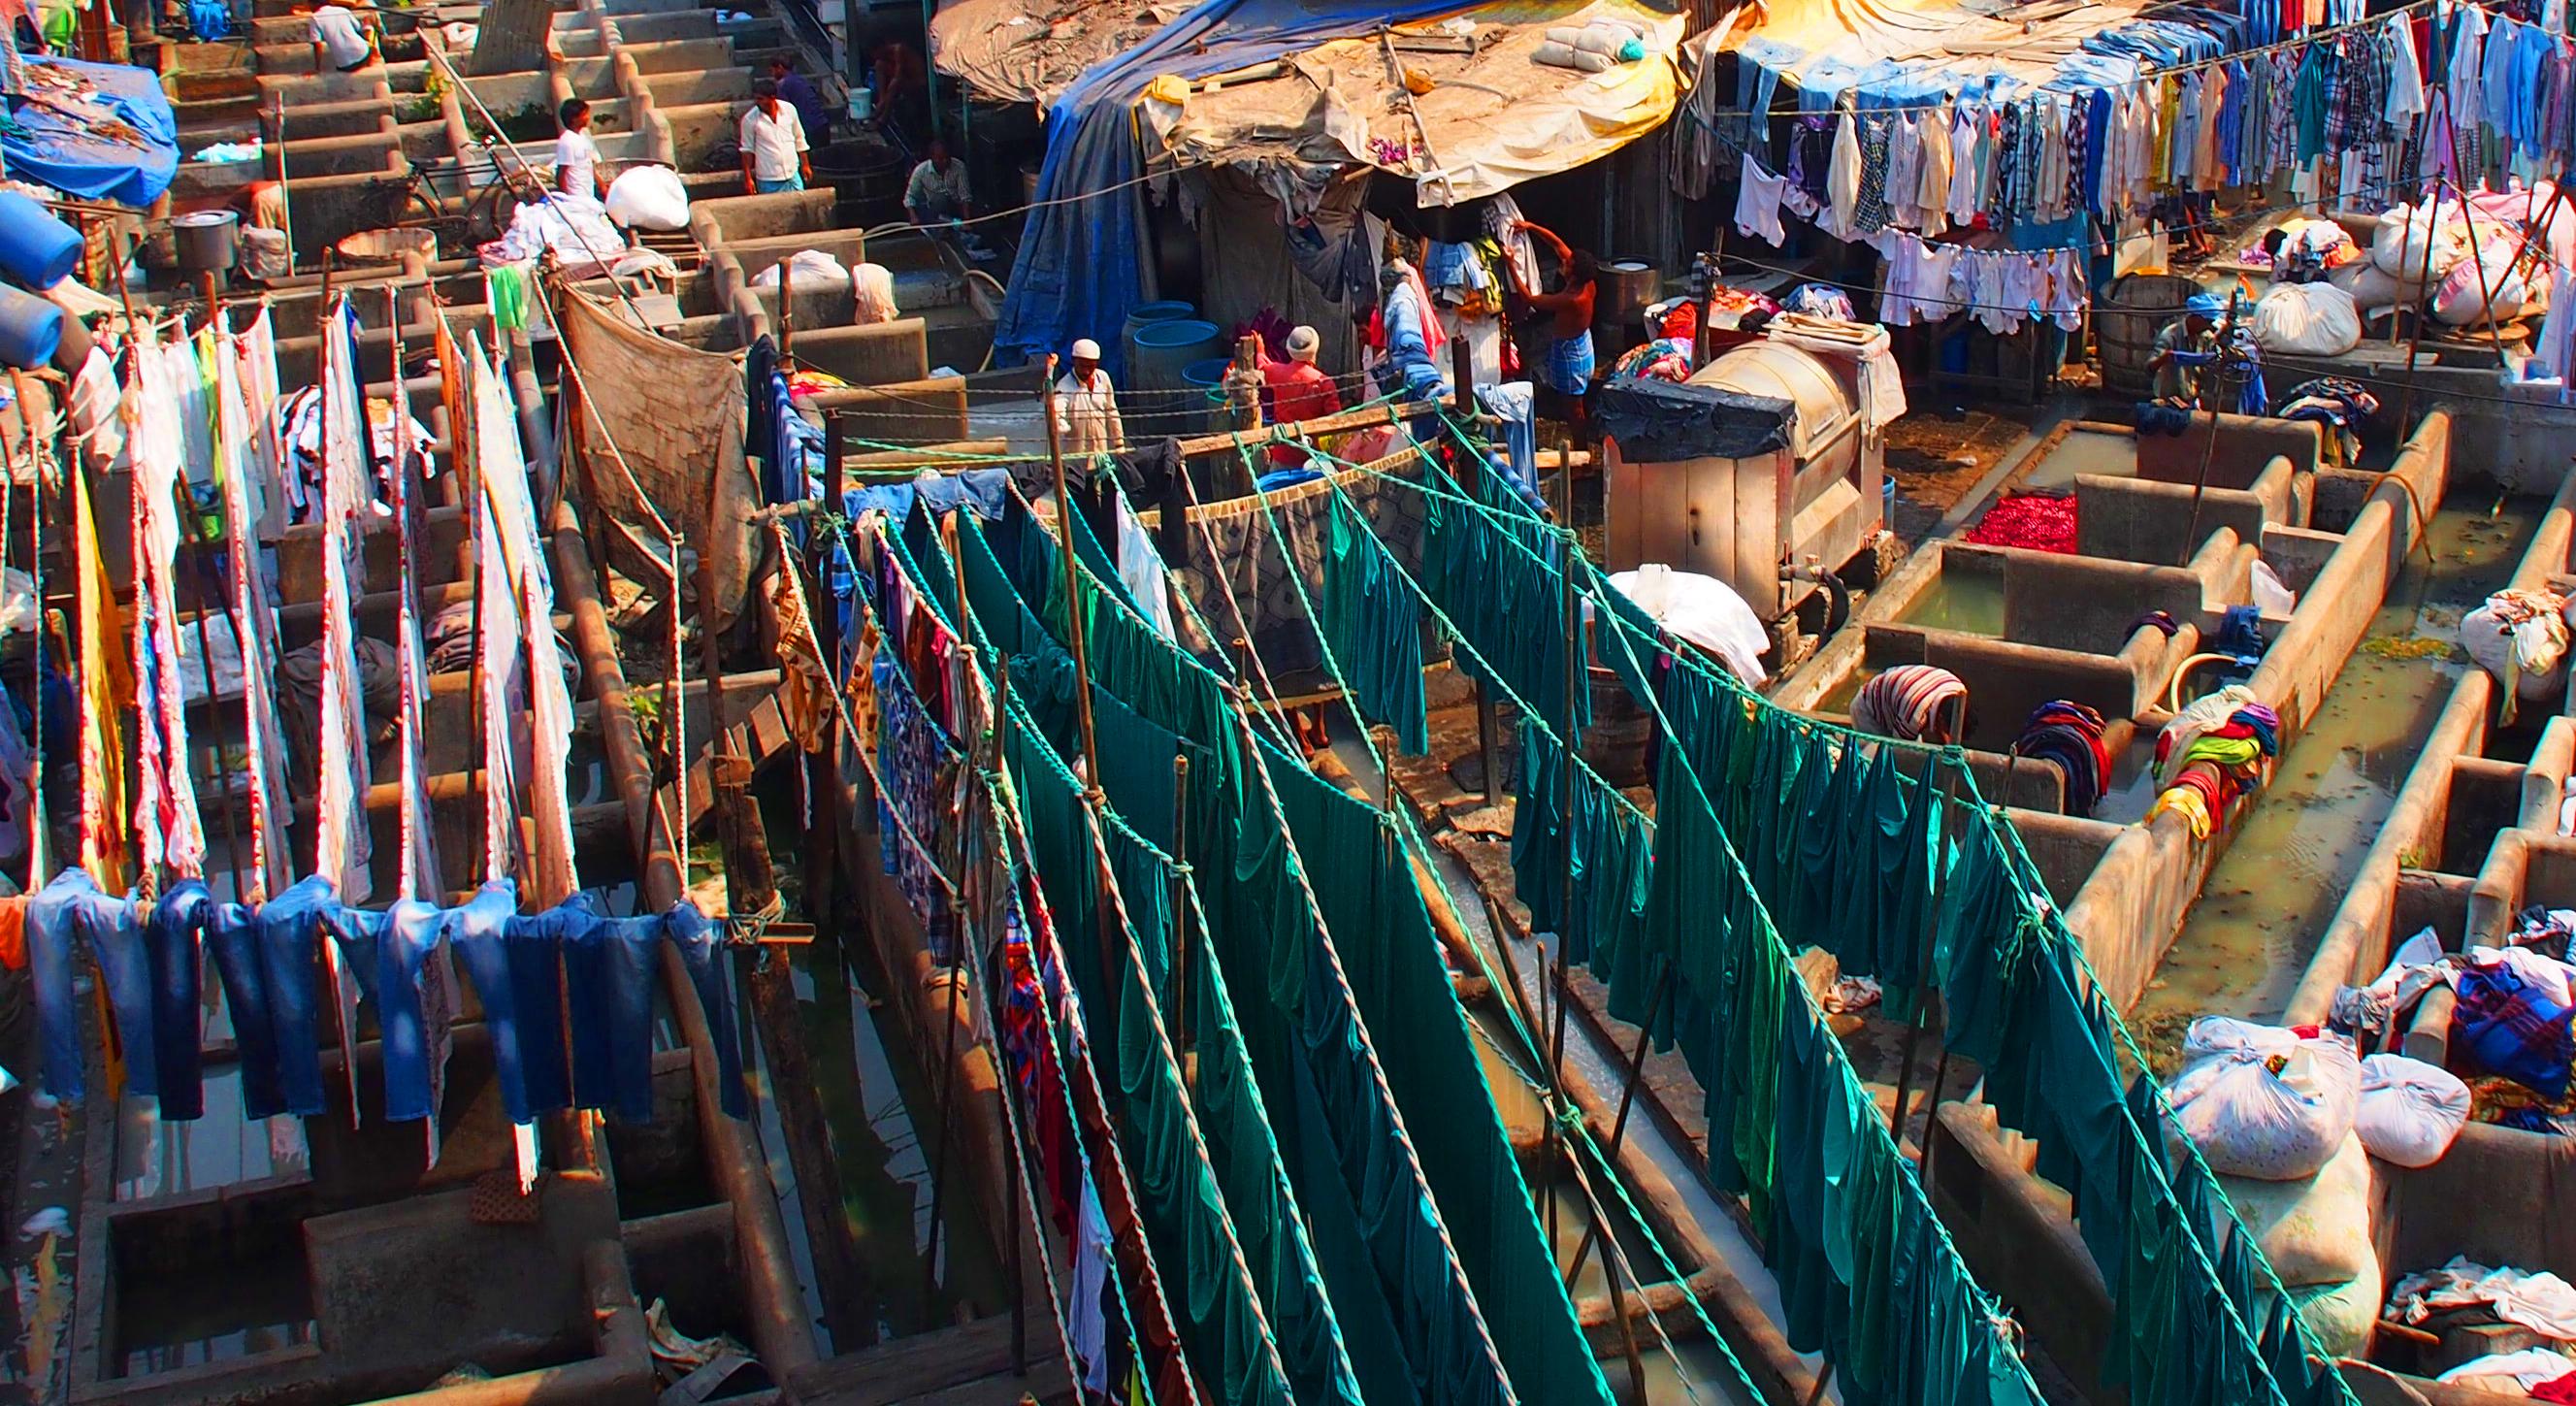 Laundry in Mumbai slums